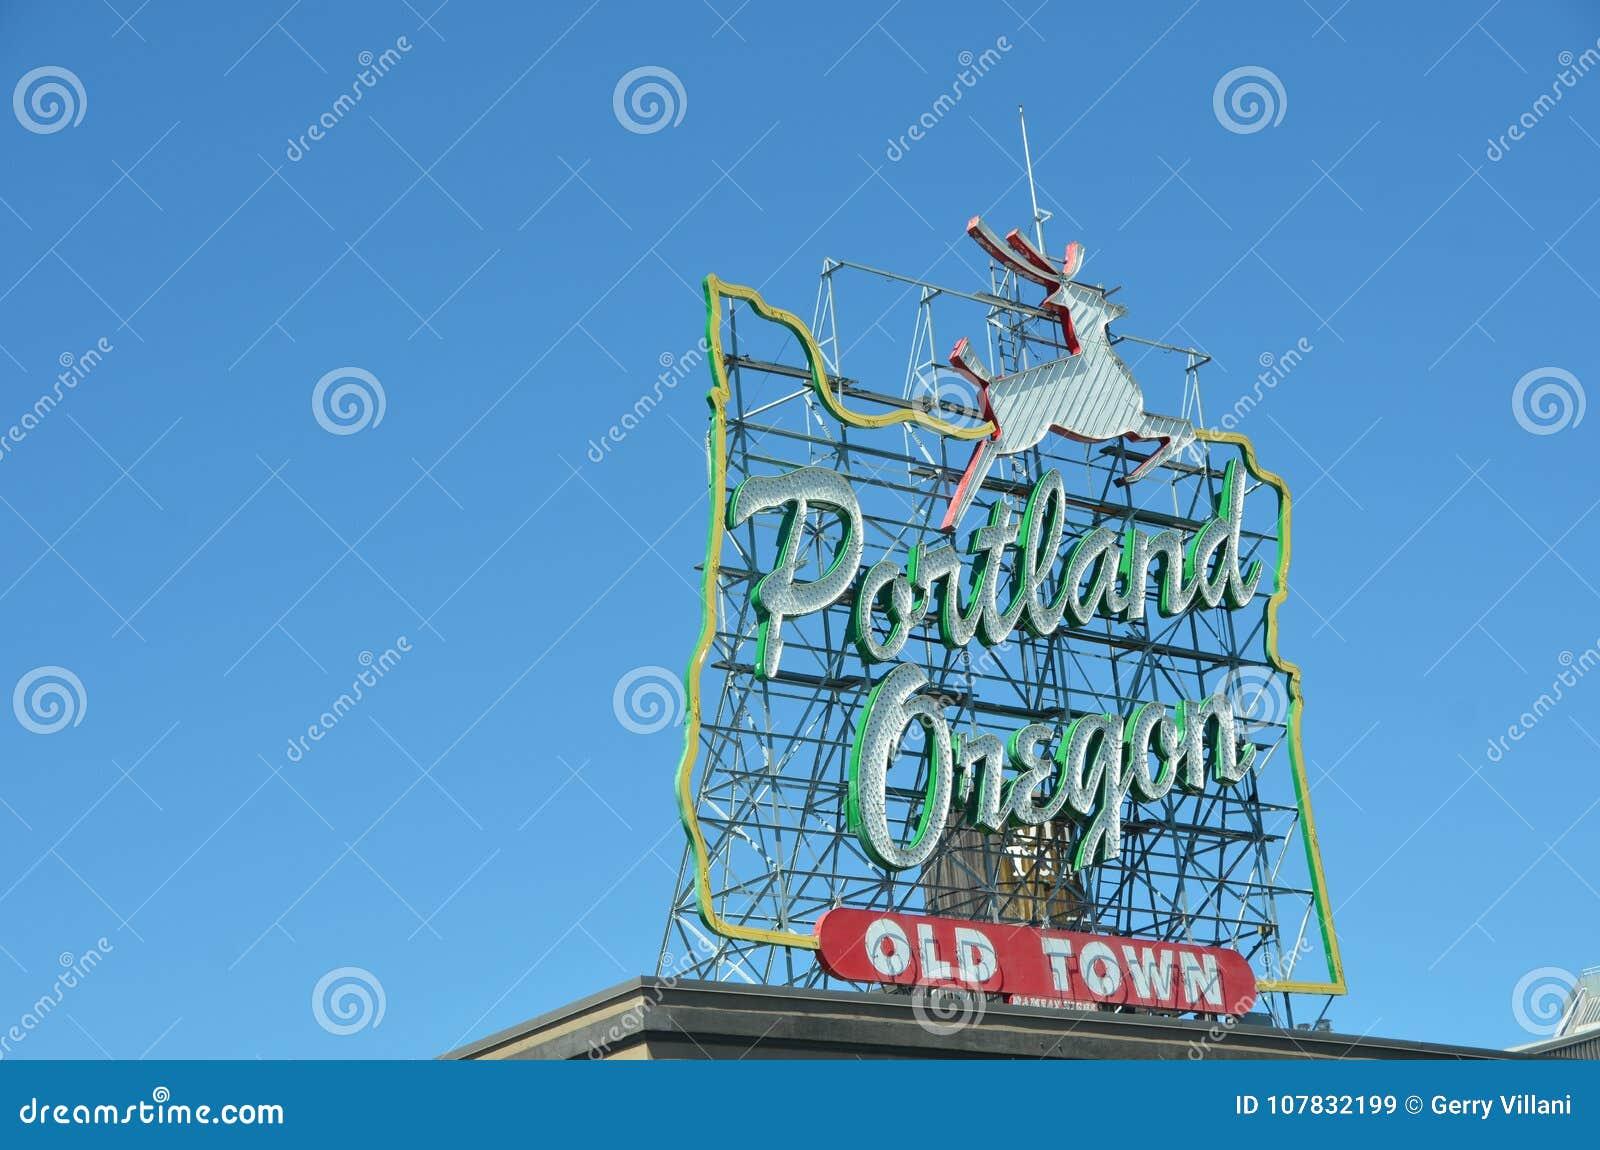 Old Town, Portland, Oregon, Oregon Sign 2